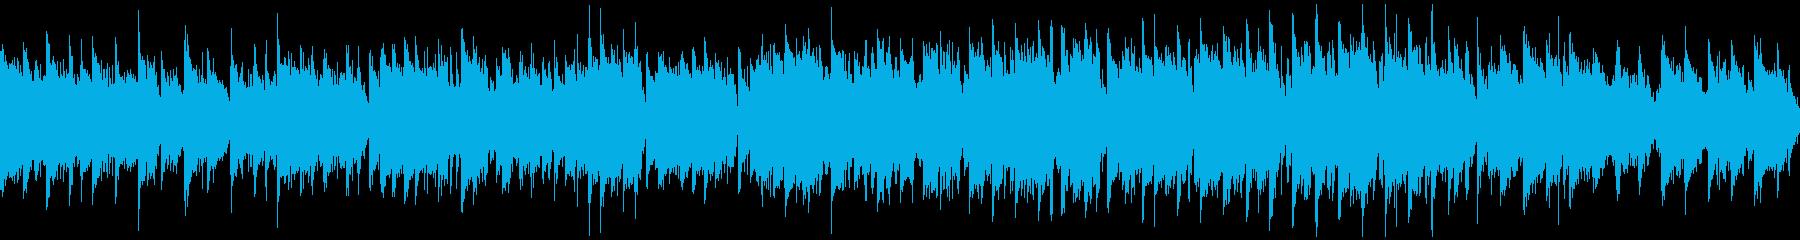 しっとり落ち着いた篠笛の和風曲※ループ版の再生済みの波形